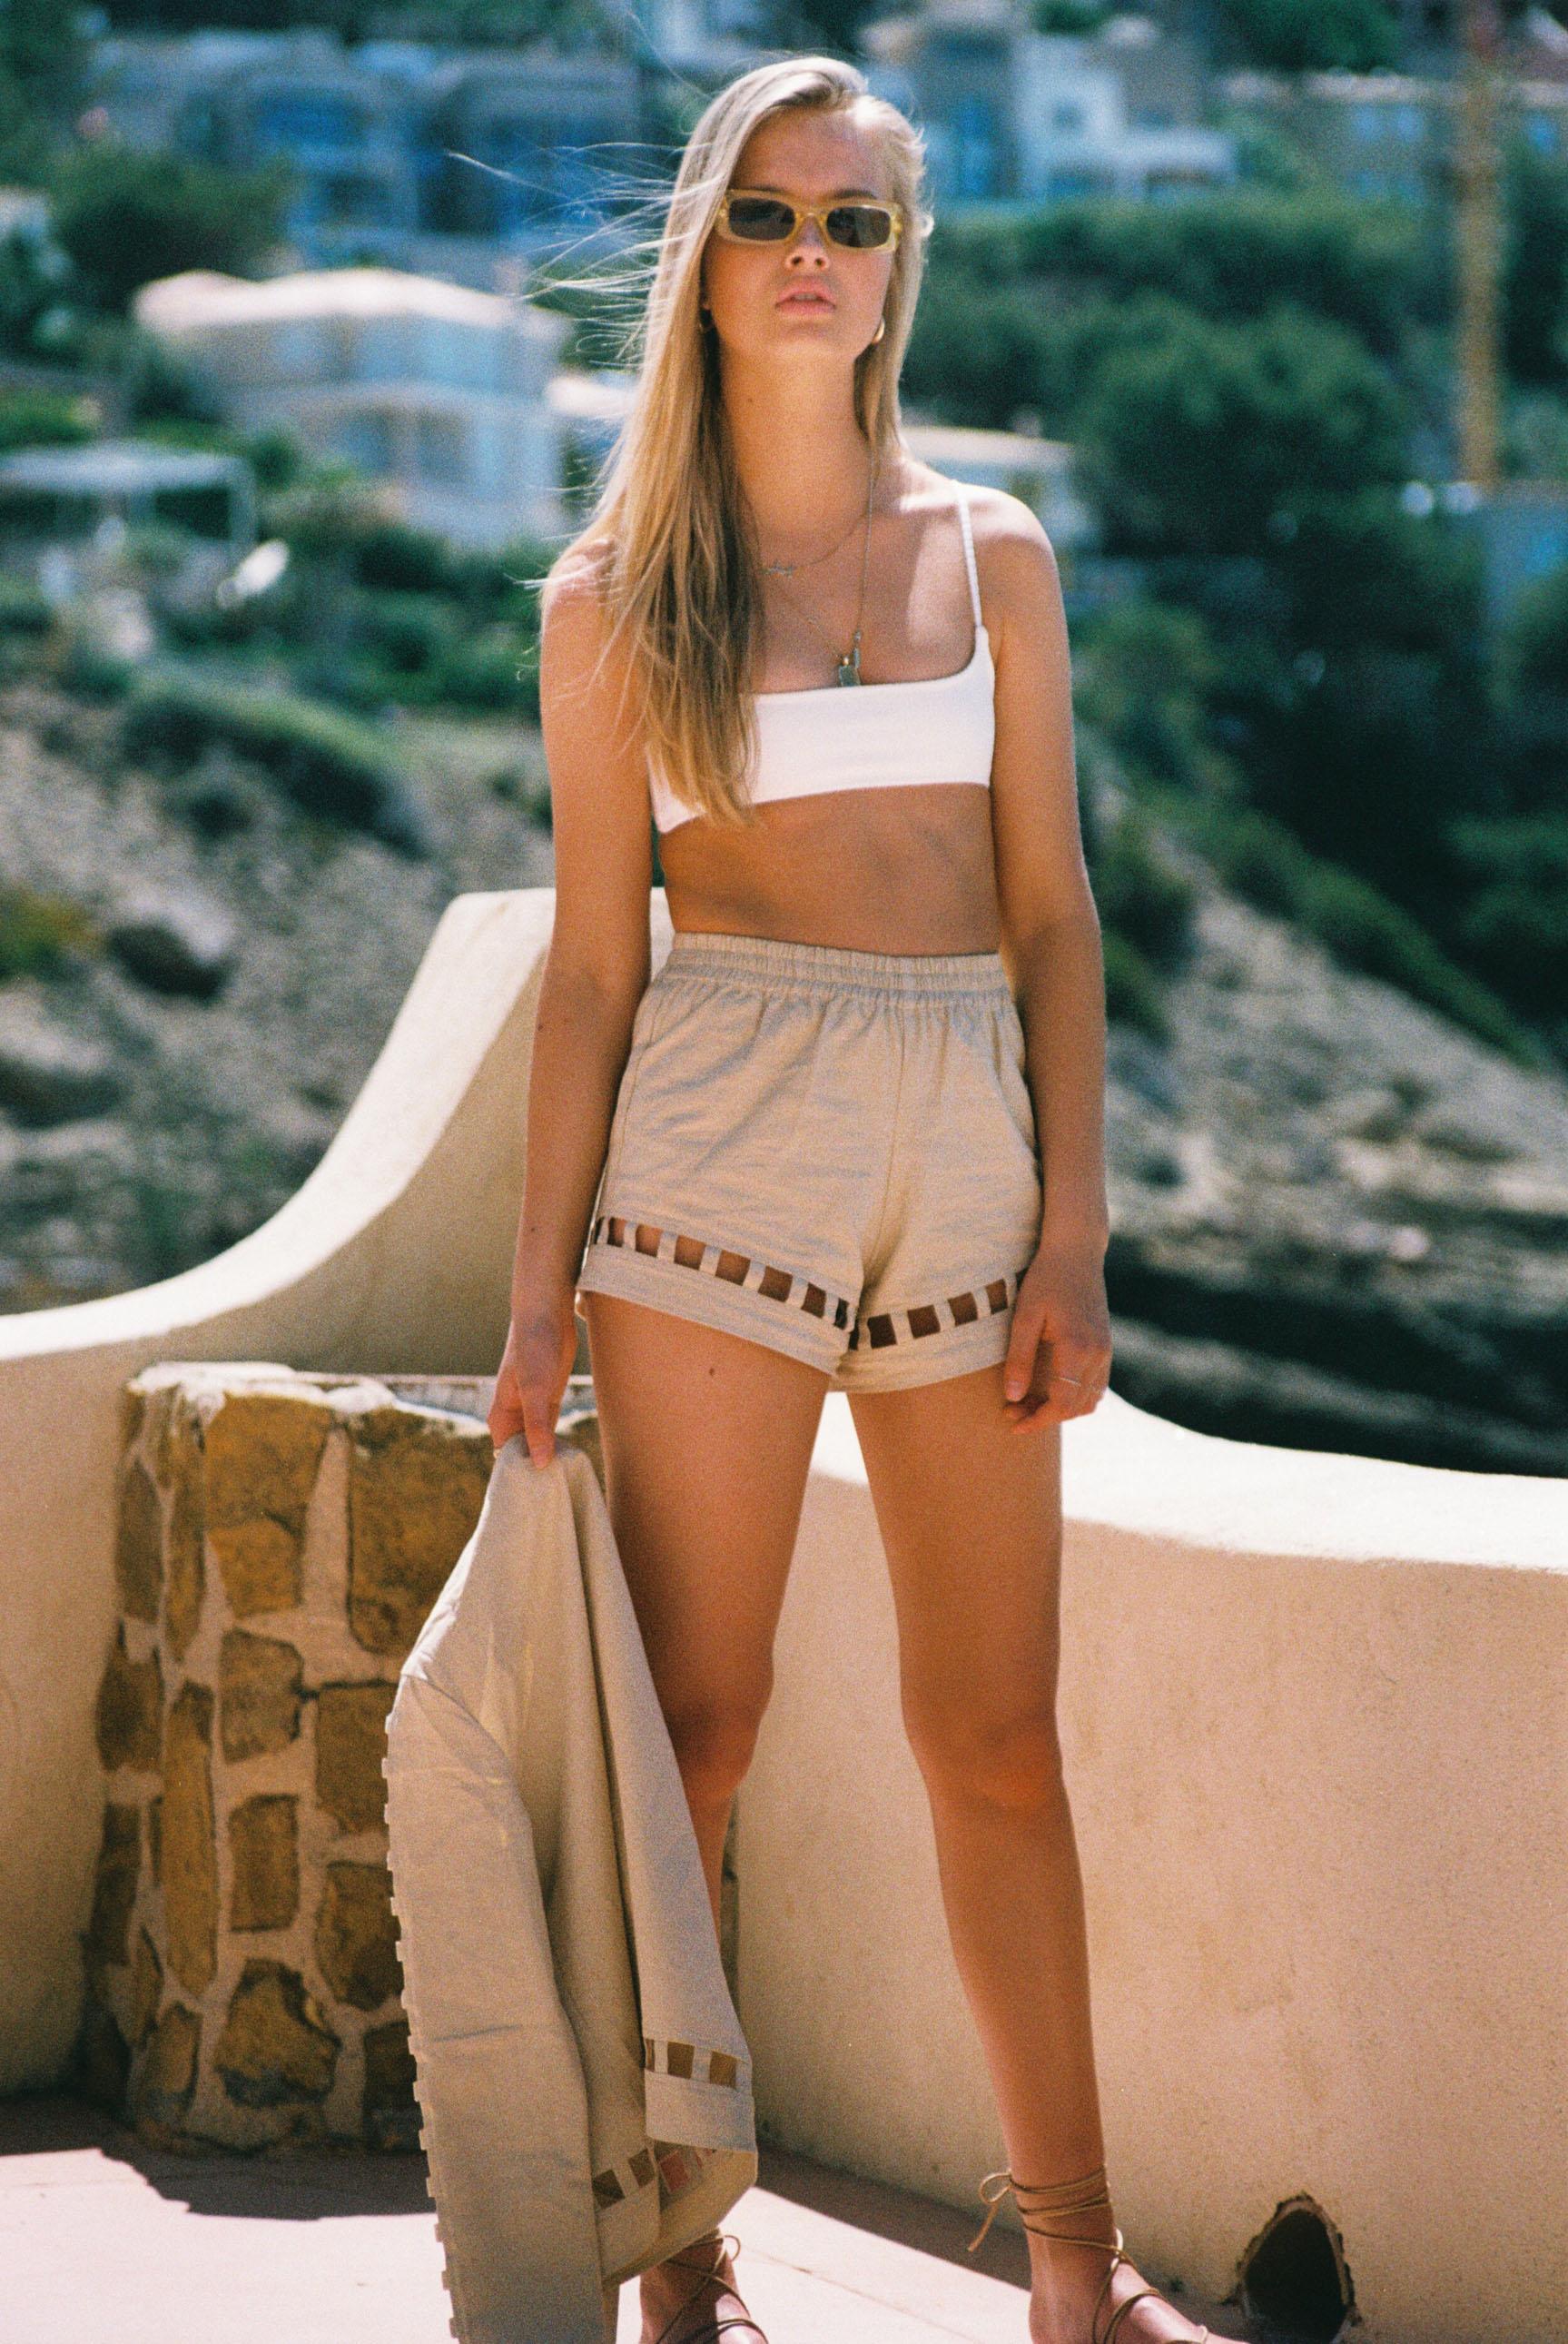 Бритни ван дер Стин в пляжной одежде модного бренда Rada Bryant, весна-лето 2020 / фото 10